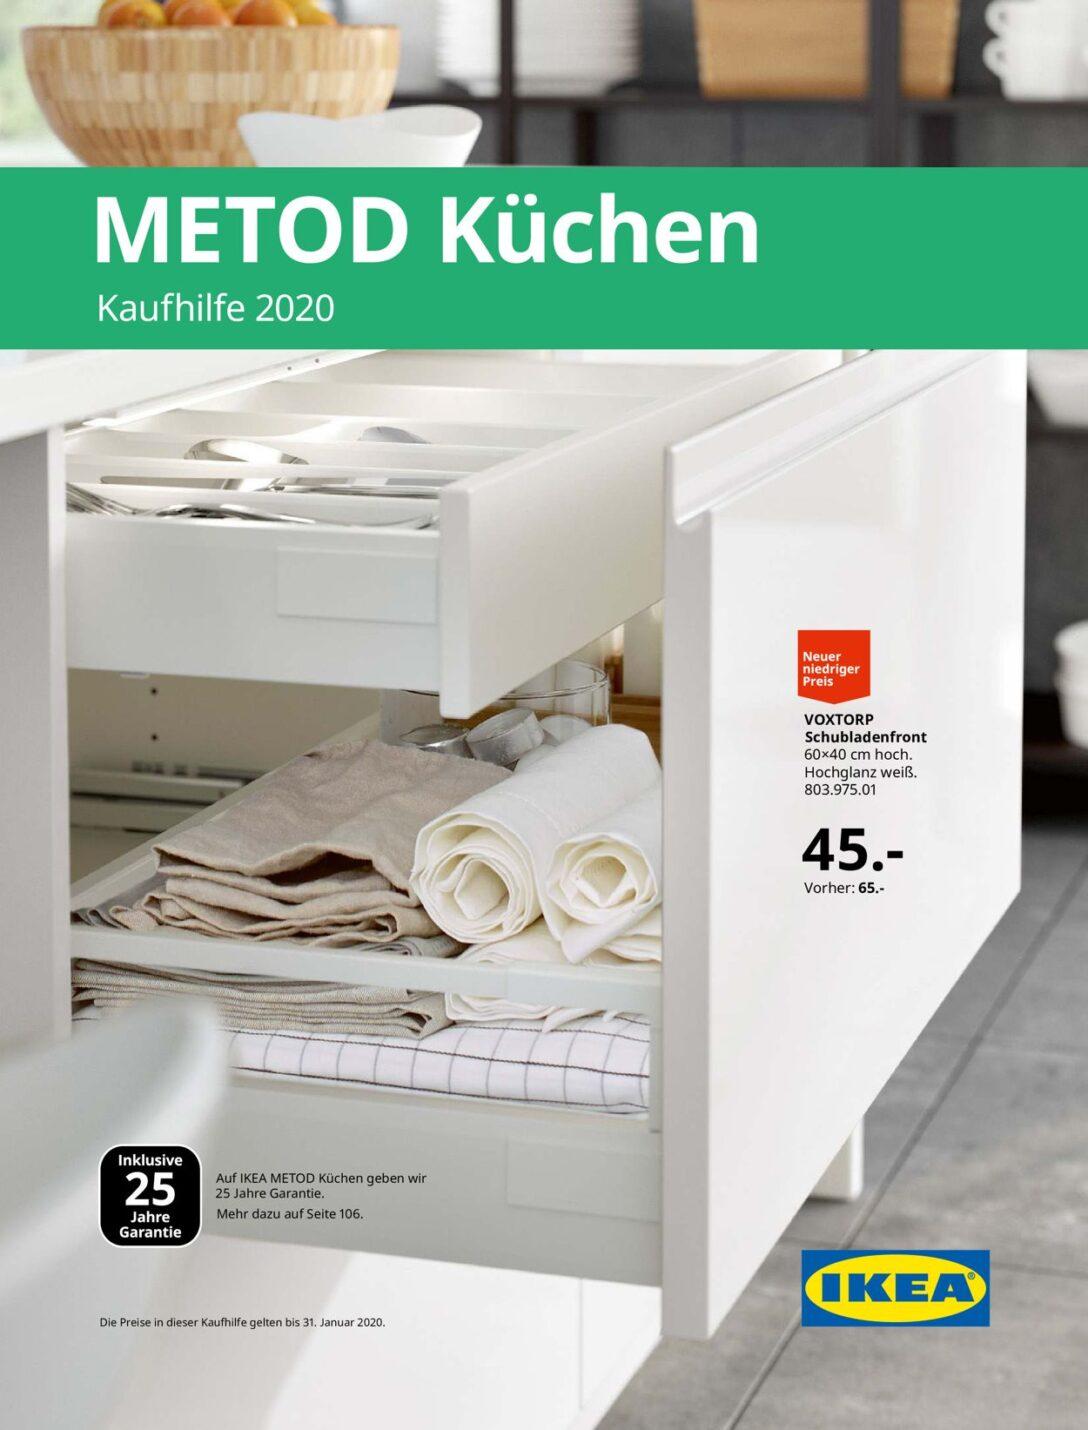 Large Size of Ikea Küchen Preise Aktueller Prospekt 0508 31012020 Jedewoche Rabattede Küche Kosten Betten 160x200 Regal Velux Fenster Modulküche Veka Holz Alu Miniküche Wohnzimmer Ikea Küchen Preise